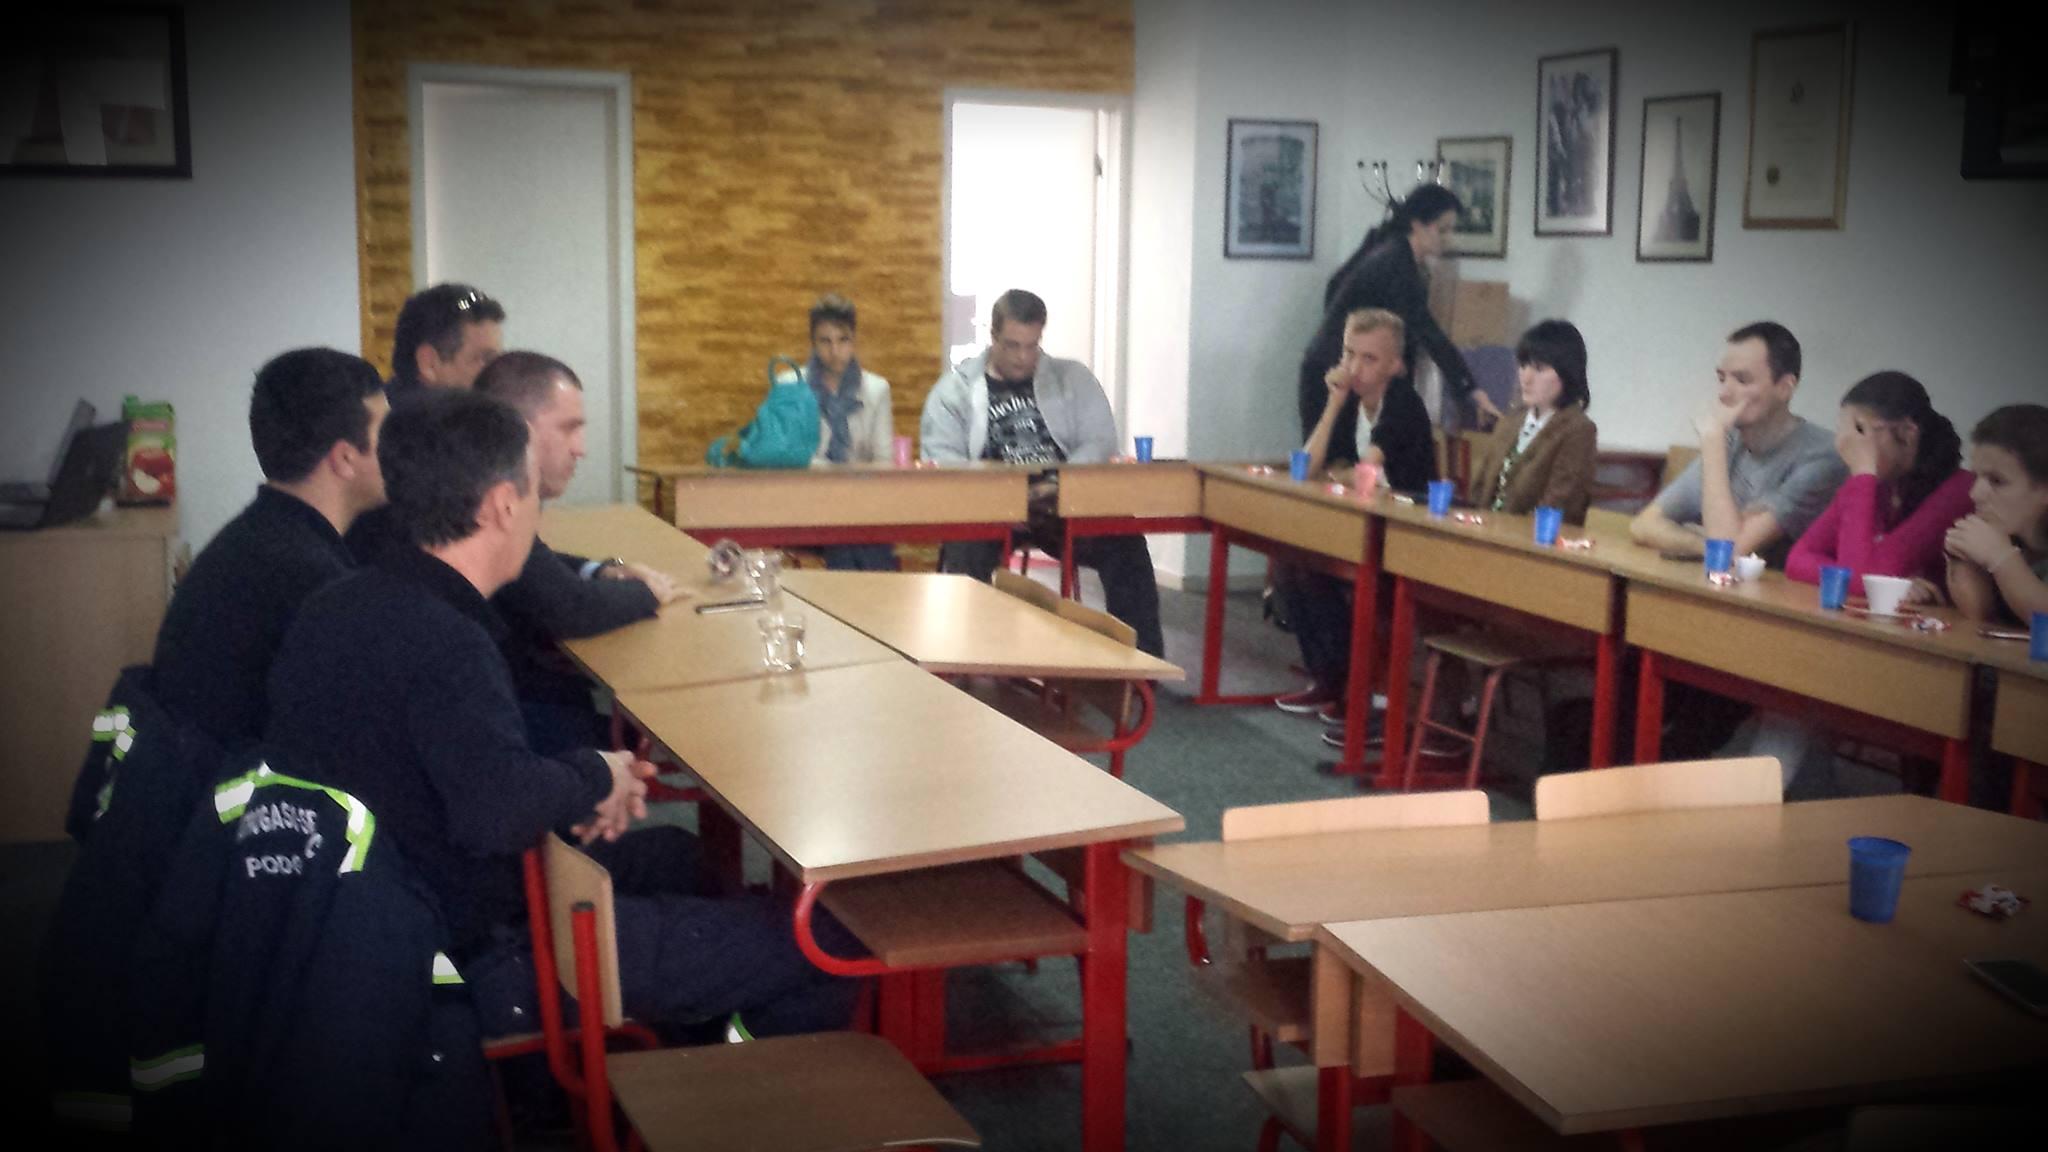 Obuka vatrogasne jedinice – Podgorica